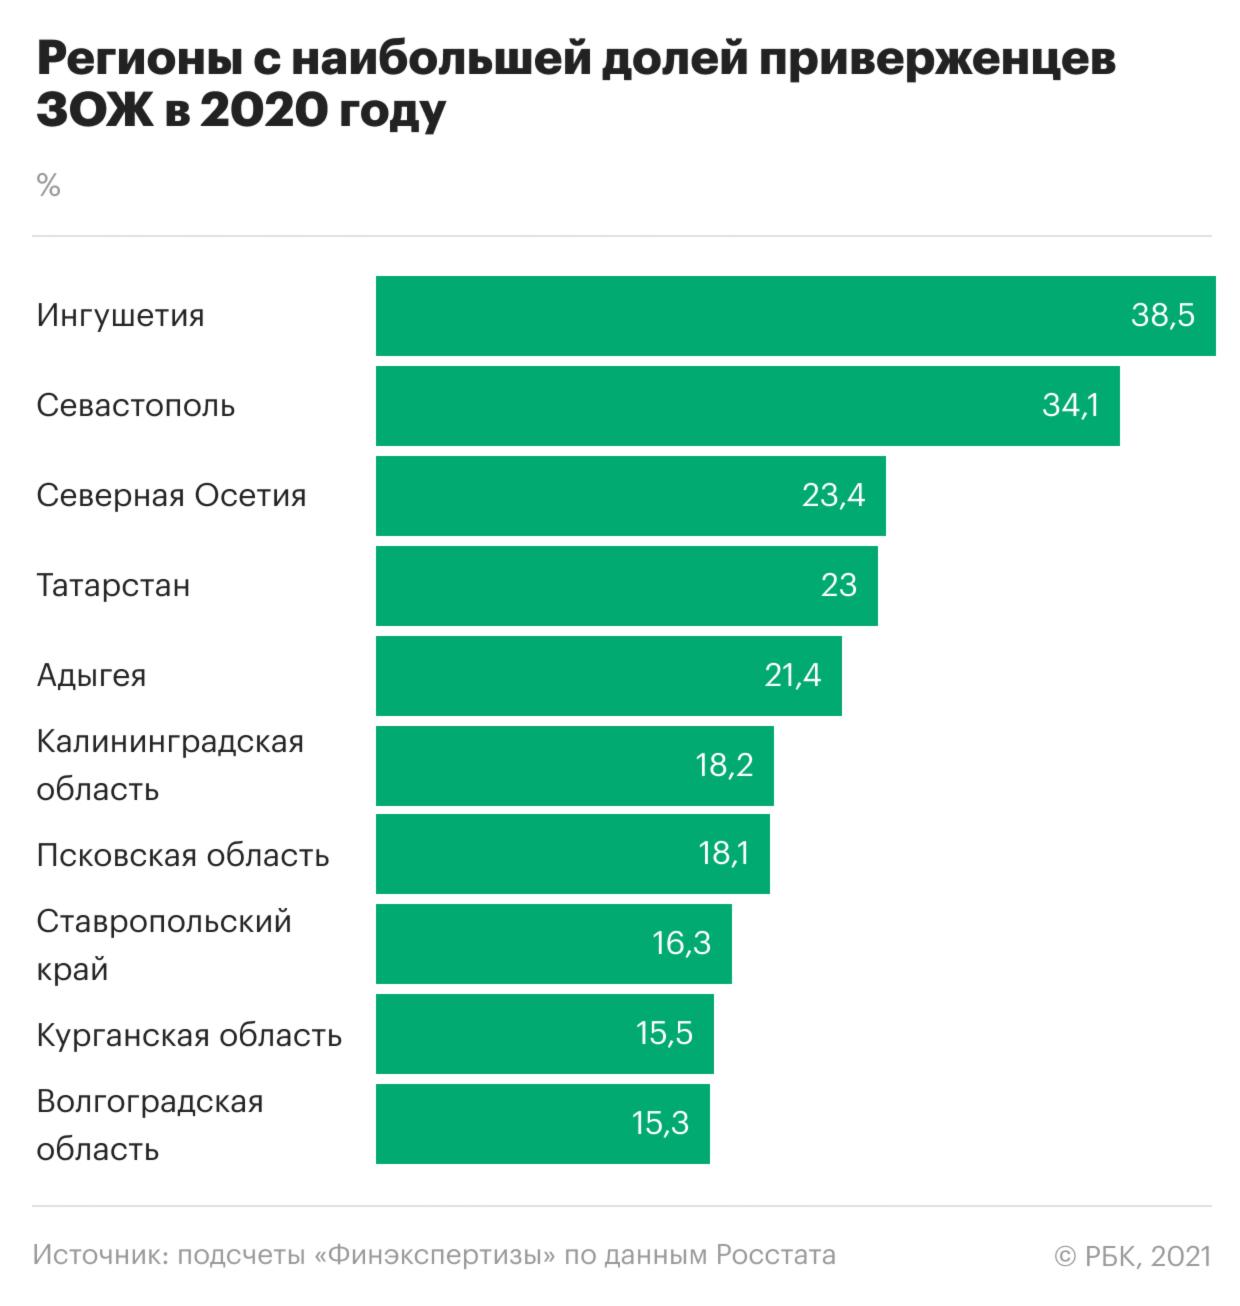 Где в России живет больше всего и меньше всего зожников. Инфографика